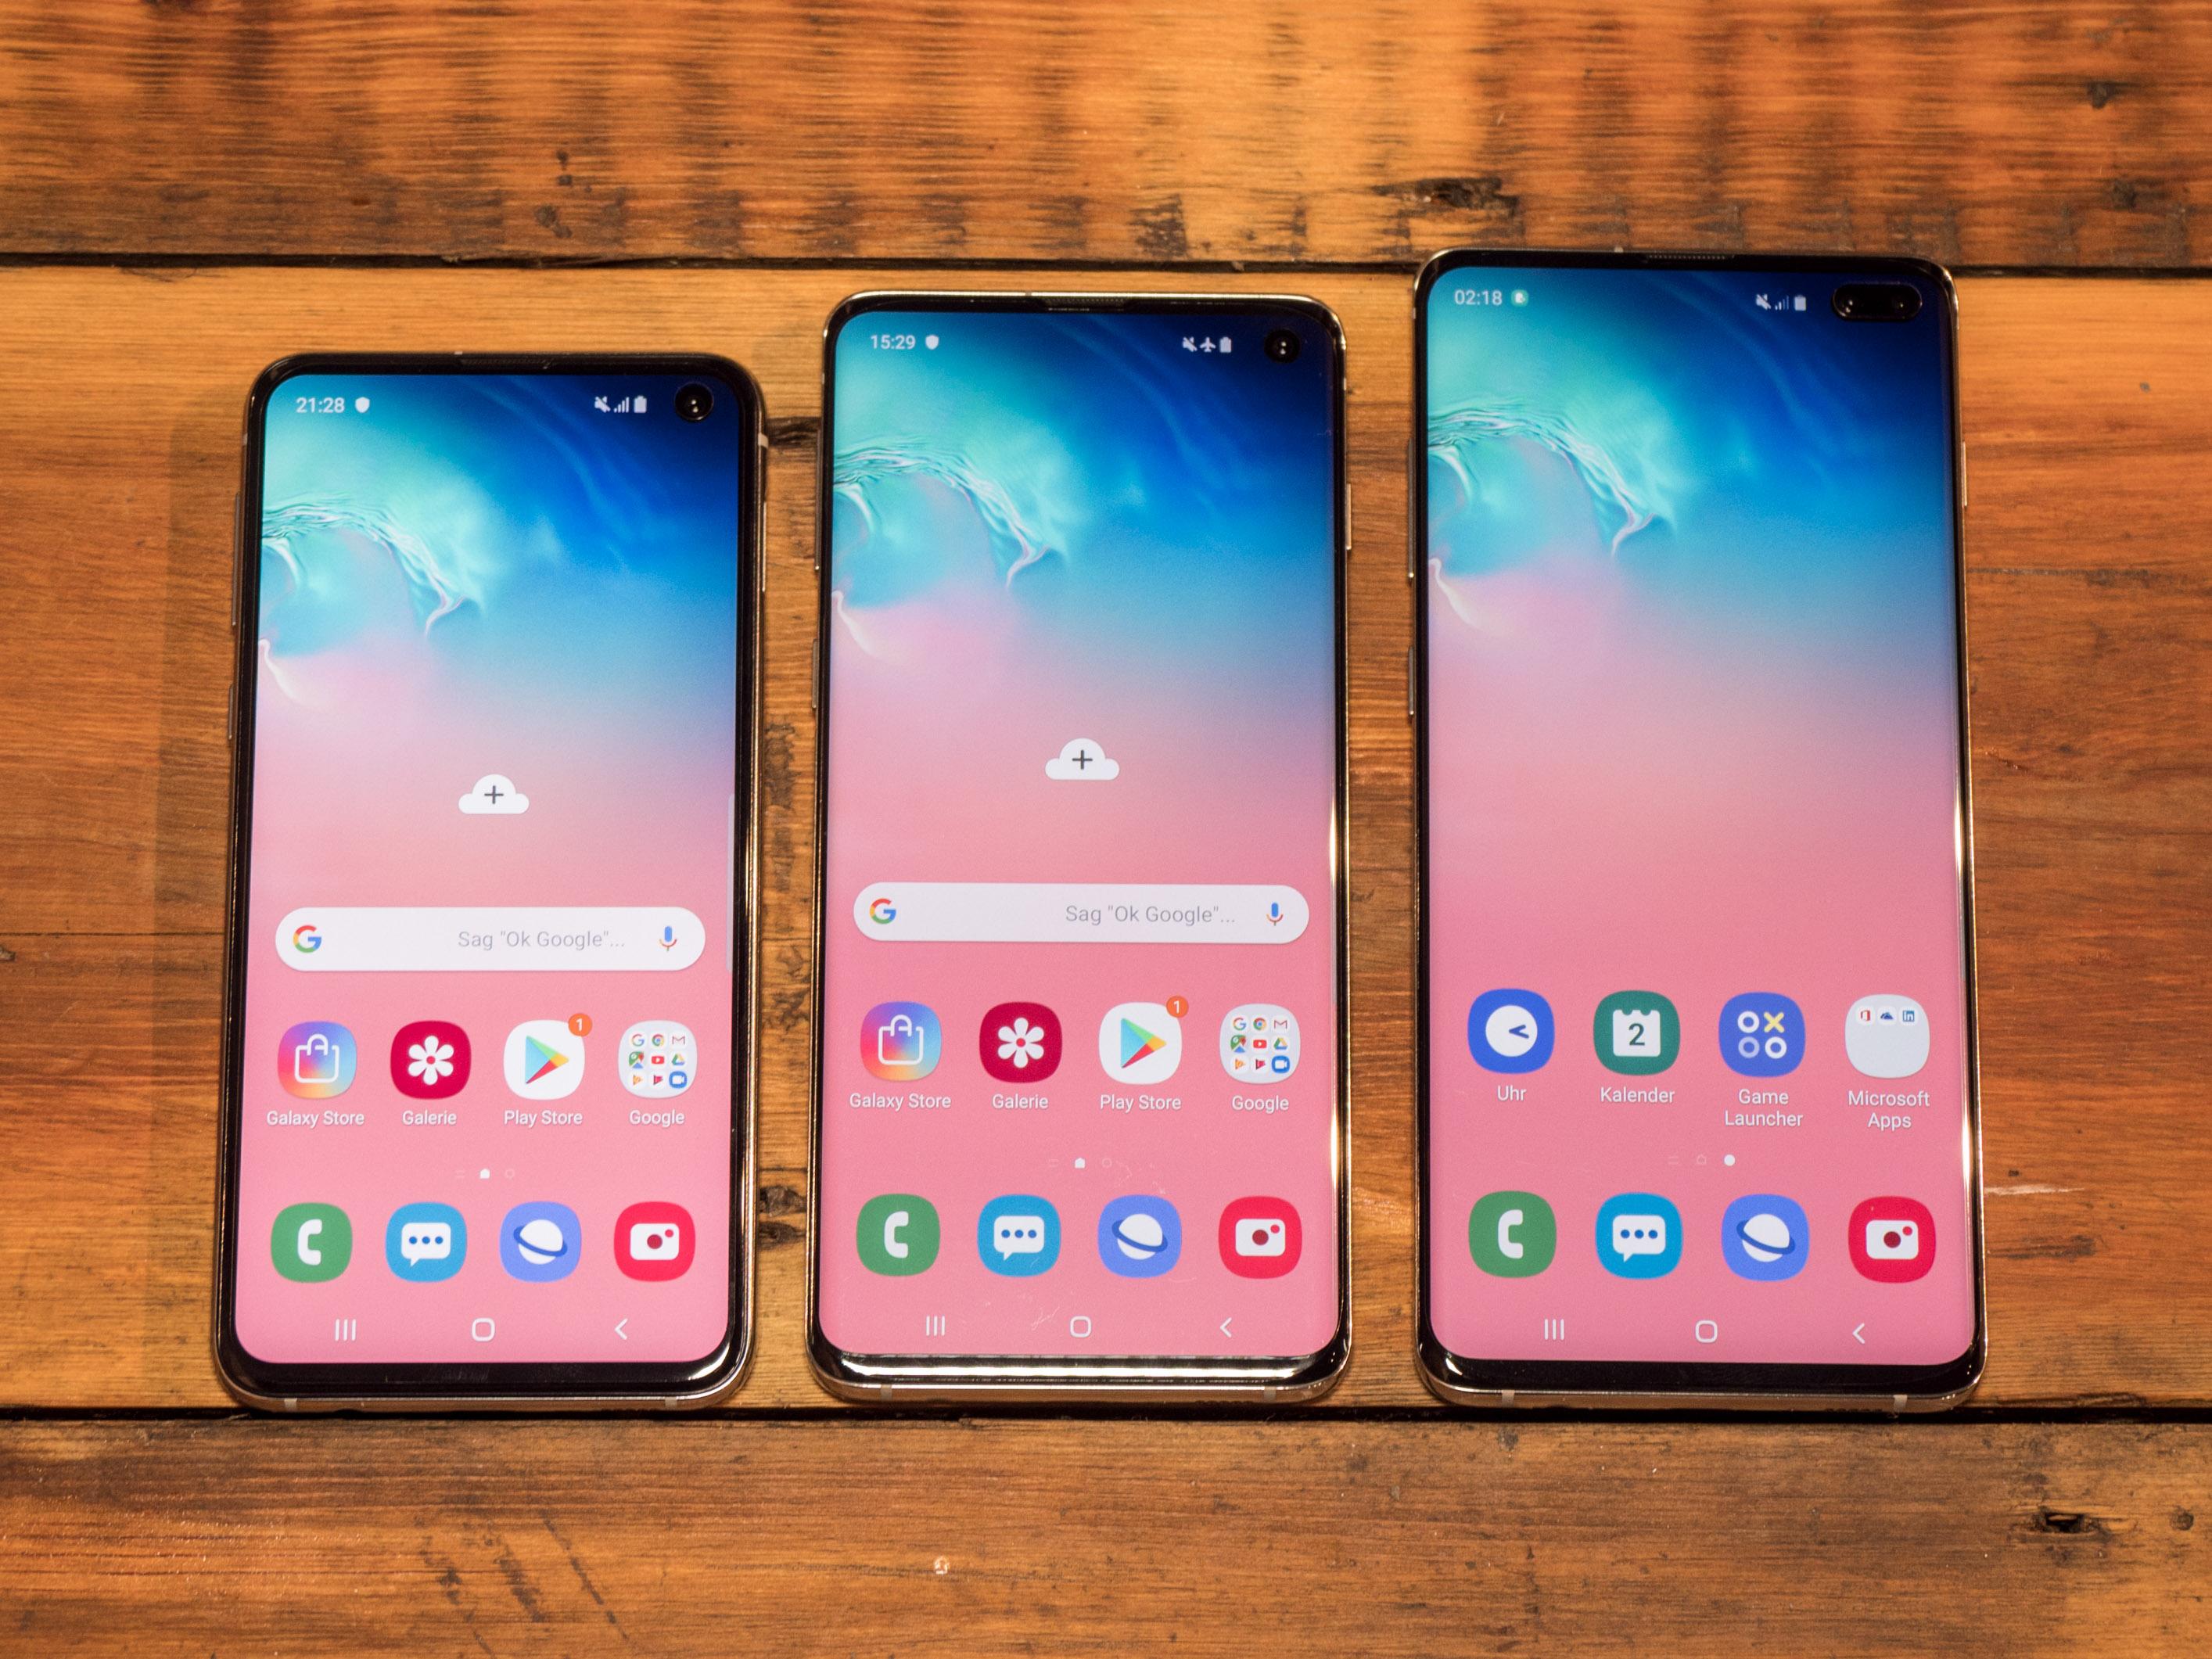 Galaxy S10 im Hands on: Samsung bringt vier neue Galaxy-S10-Modelle - Das Galaxy S10e und das Galaxy S10 haben jeweils eine einfache Frontkamera, das Galaxy S10+ eine duale. (Bild: Martin Wolf/Golem.de)